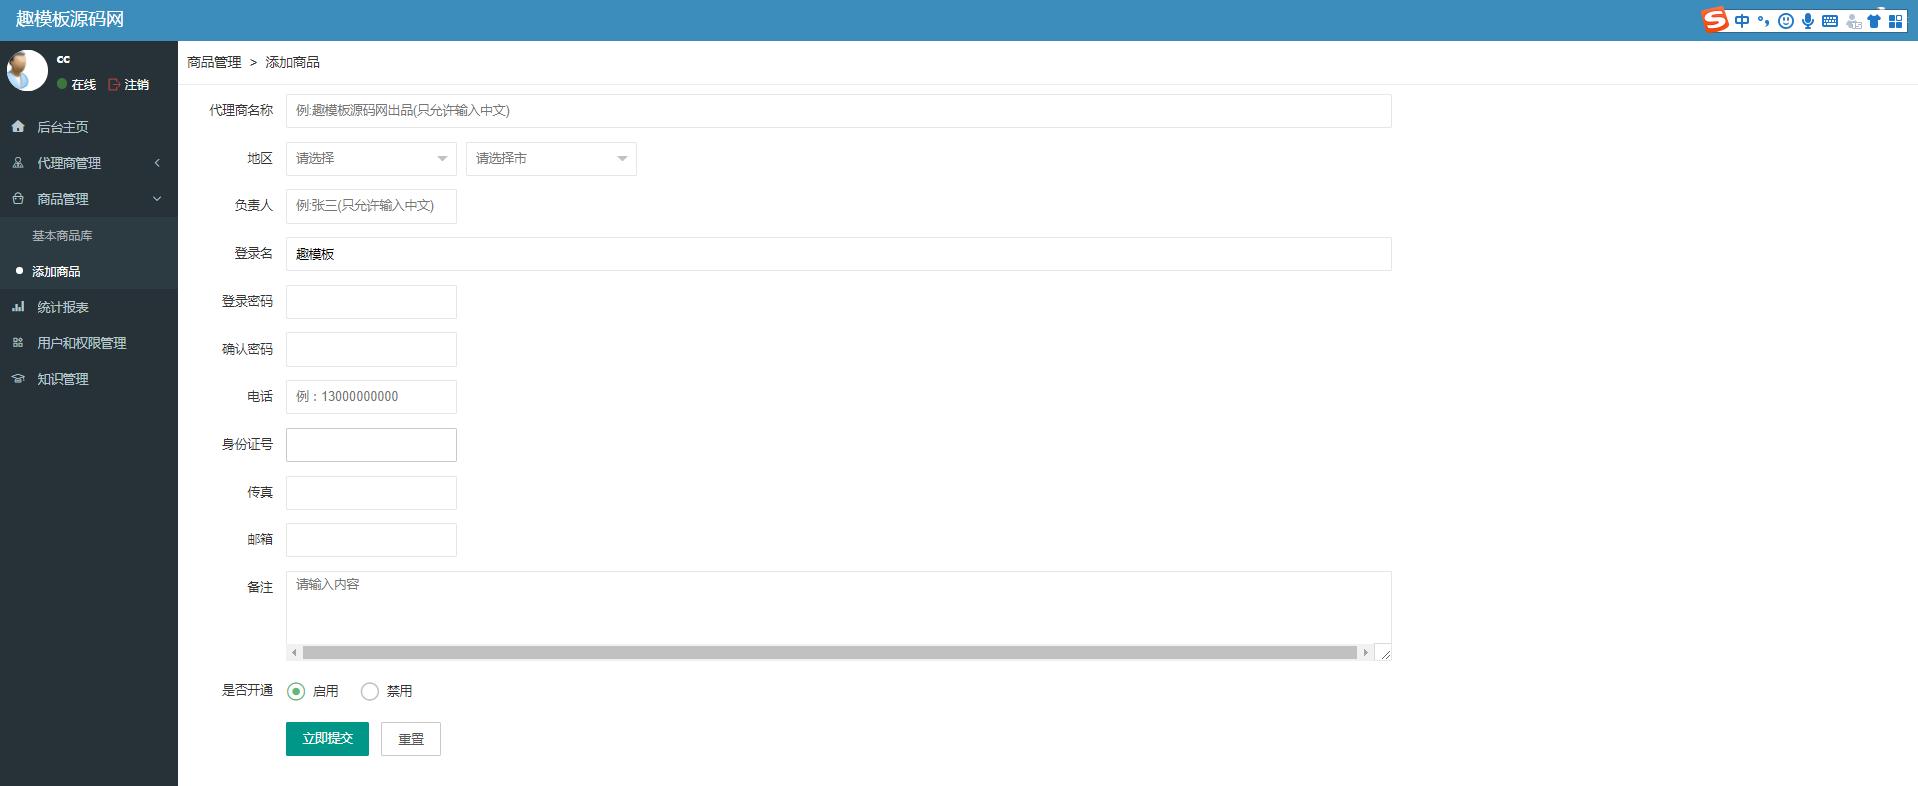 代理商后台商品管理页面ui模板源码 代理后台管理HTML模板下载